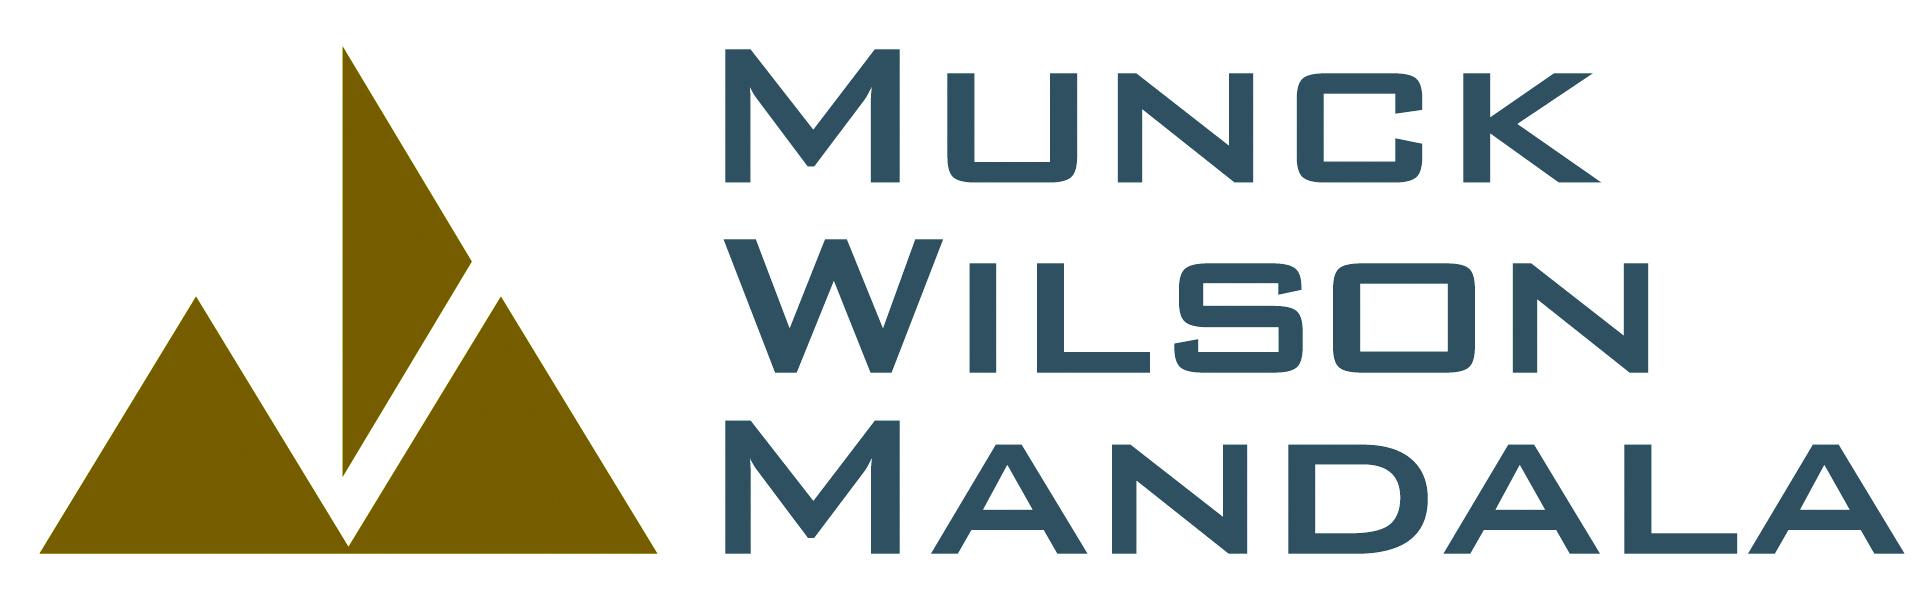 Munck Wilson Mandala LLP